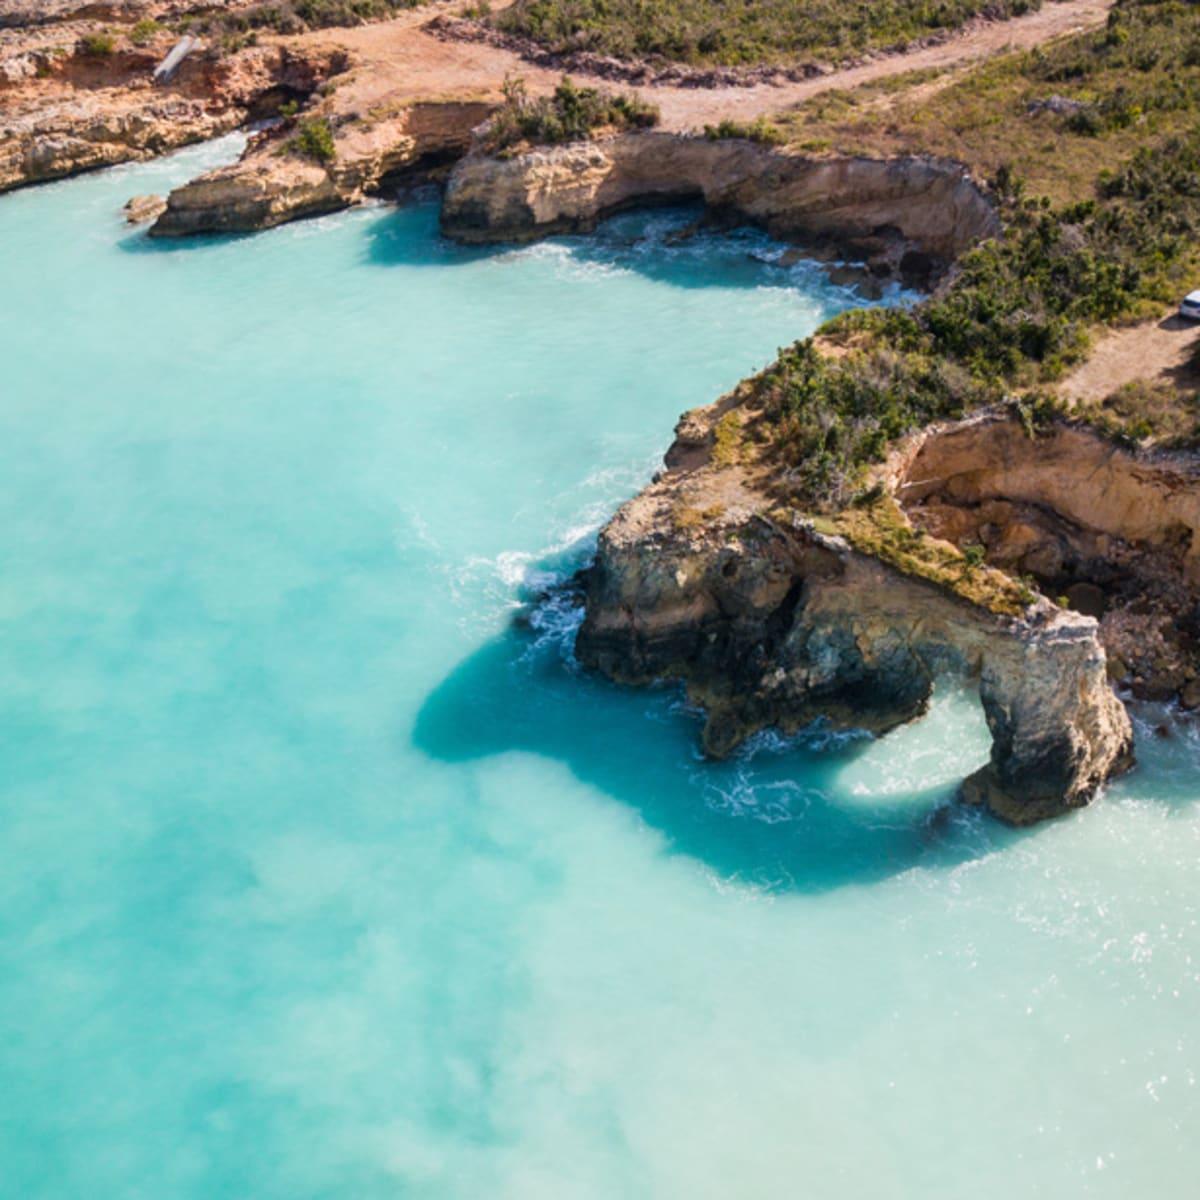 Từ ngày 1/7, Anguilla, quốc gia phía đông vùng biển Caribbean, sẽ mở cửa trở lại với yêu cầu mọi du khách ghé thăm phải tiêm phòng vaccine Covid-19 ít nhất 3 tuần trước khi nhập cảnh.